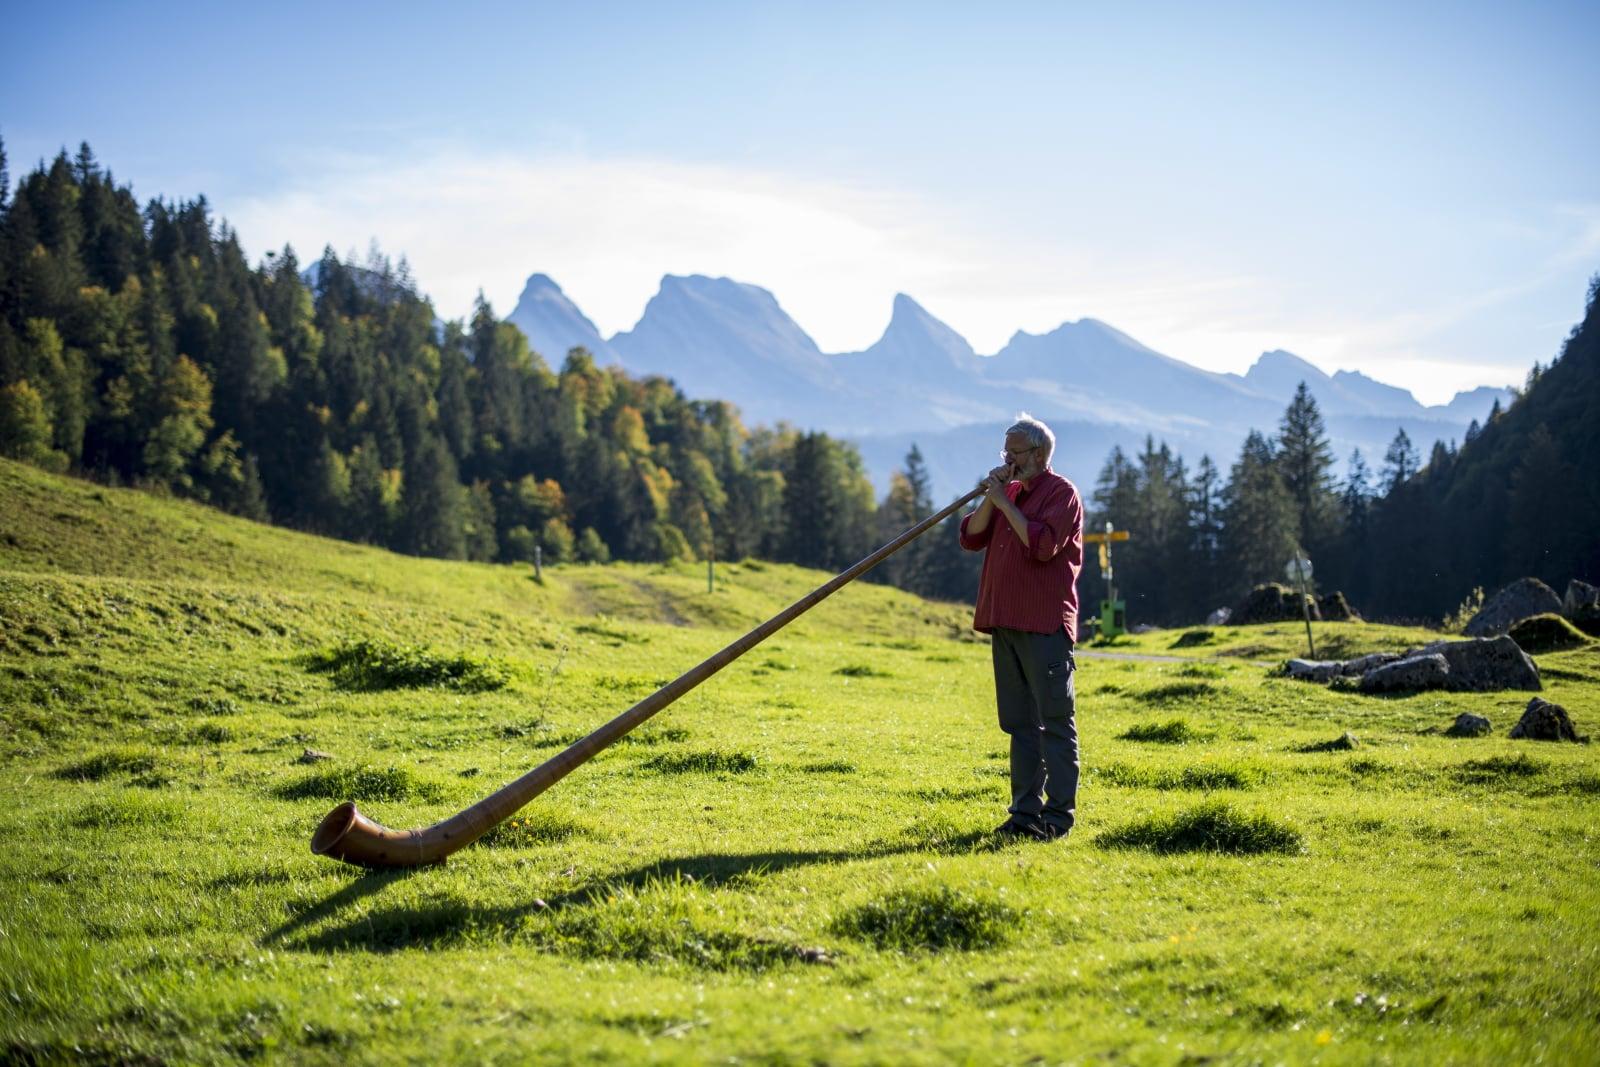 Szwajcaria, gra na alphornie  EPA/GIAN EHRENZELLER